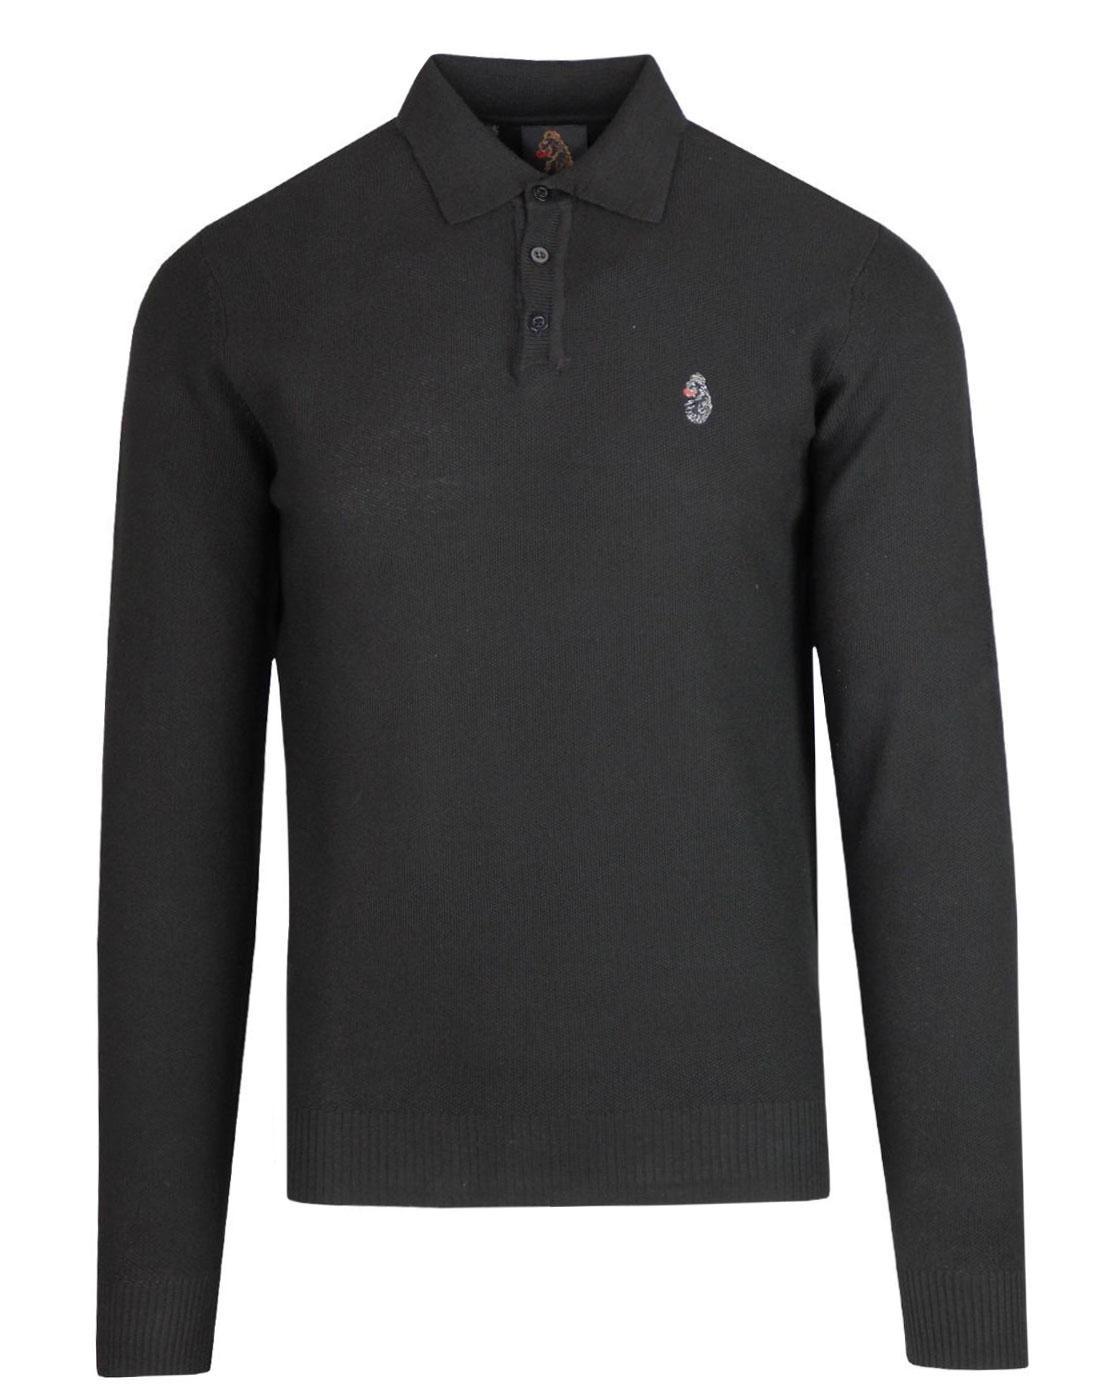 Milk LUKE Men's Retro Mod Knitted Polo Shirt BLACK